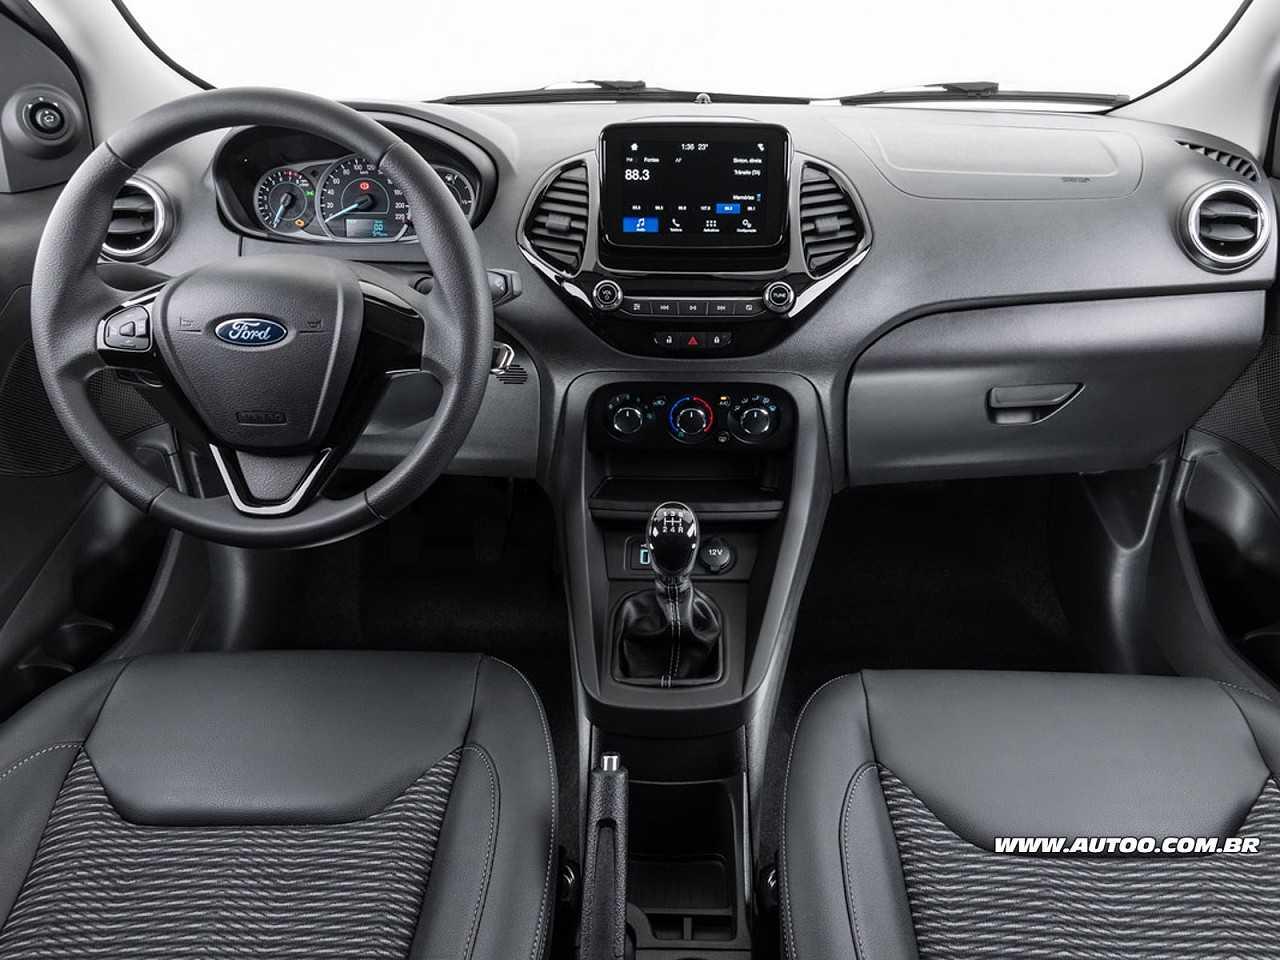 FordKa Sedan 2019 - painel